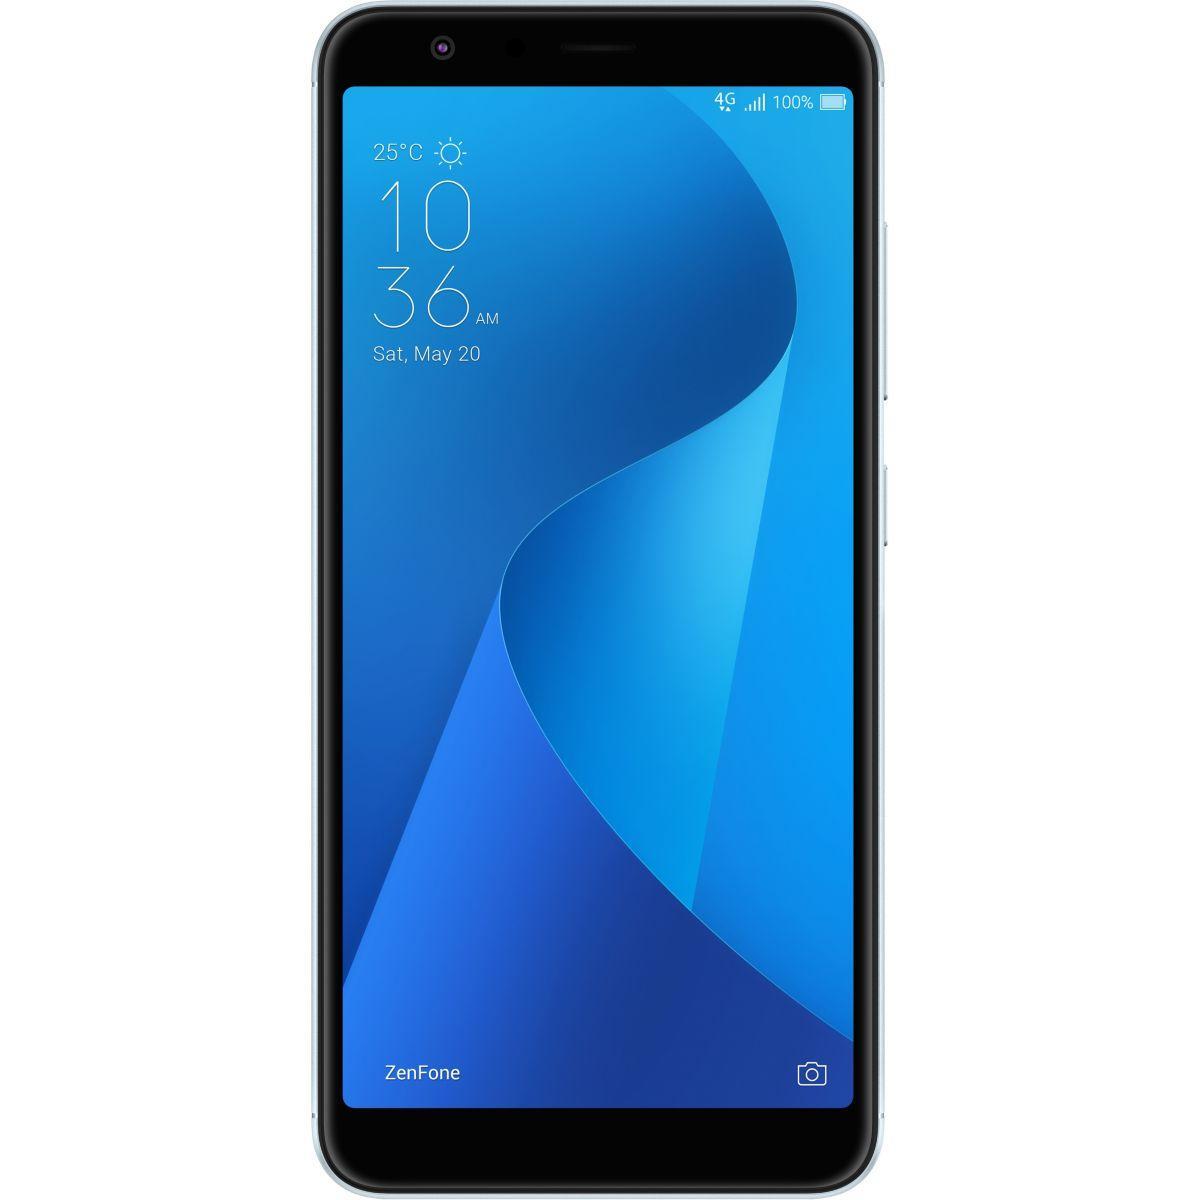 Smartphone asus zenfone max plus m1 bleu - 2% de remise imm�diate avec le code : fete2